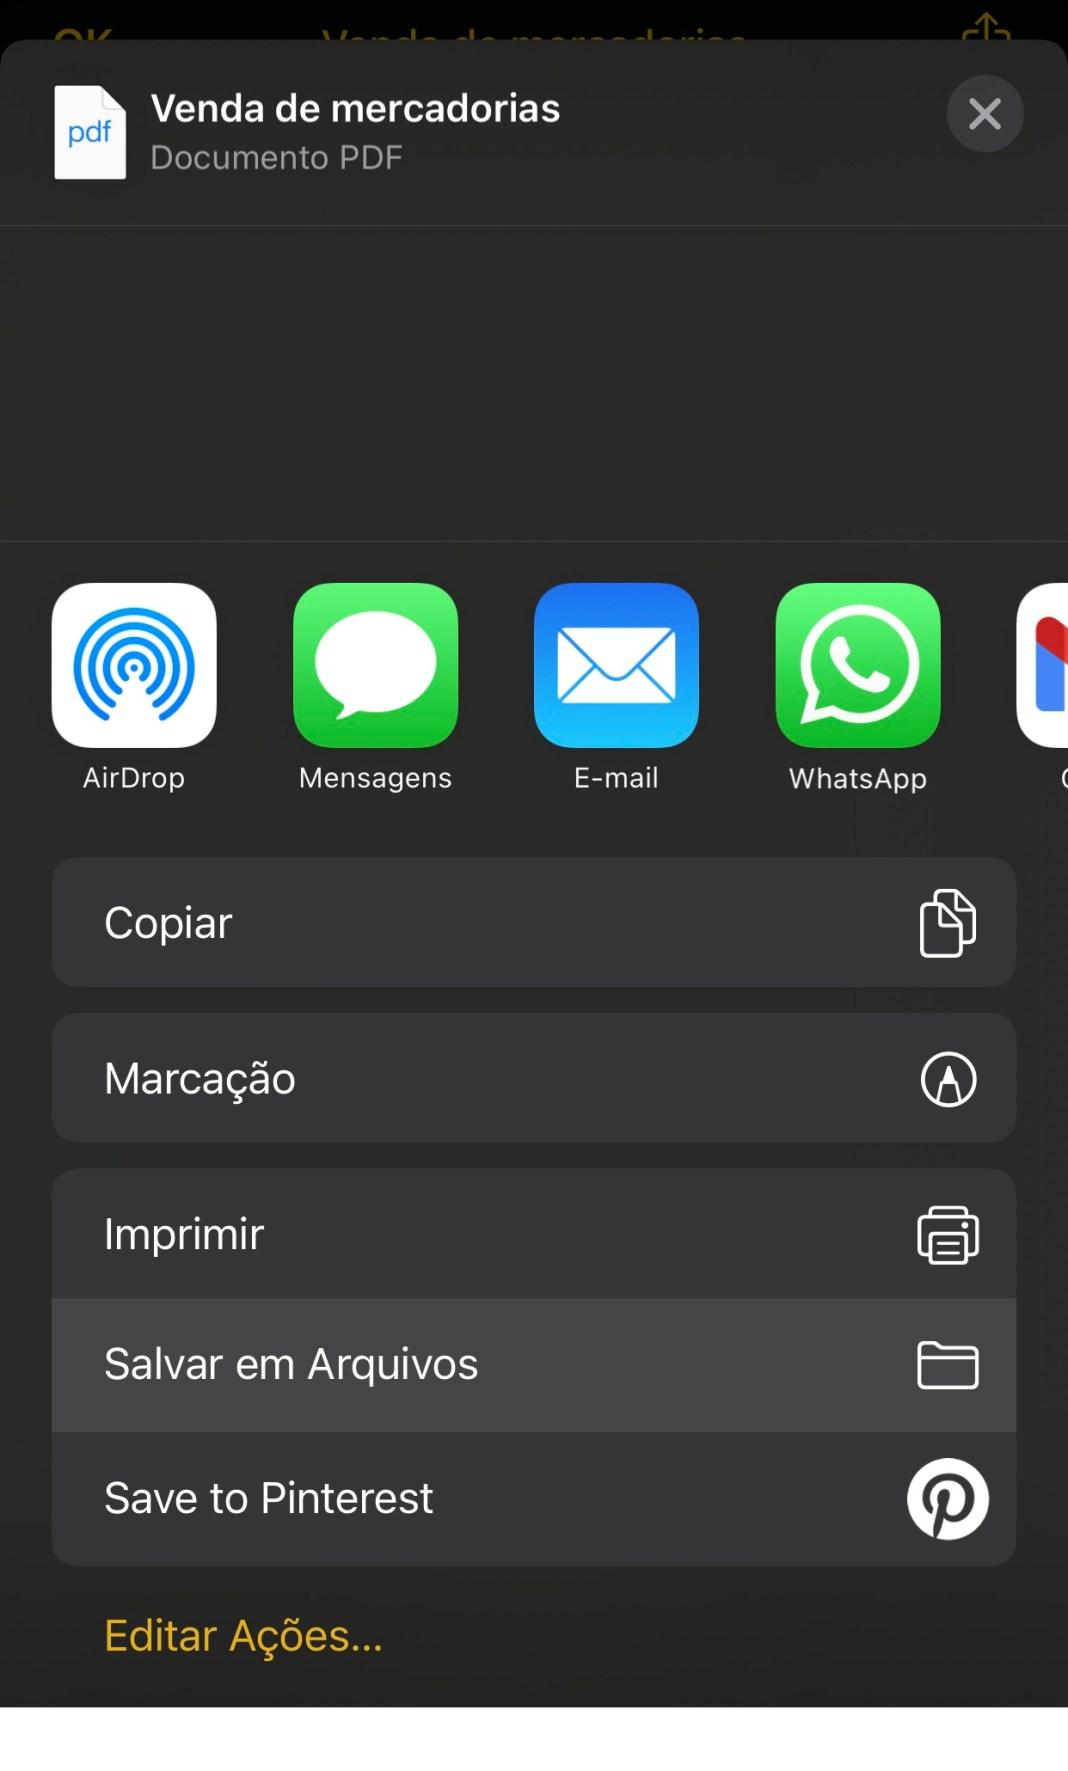 Você também pode enviar o documento escaneado para um aplicativo